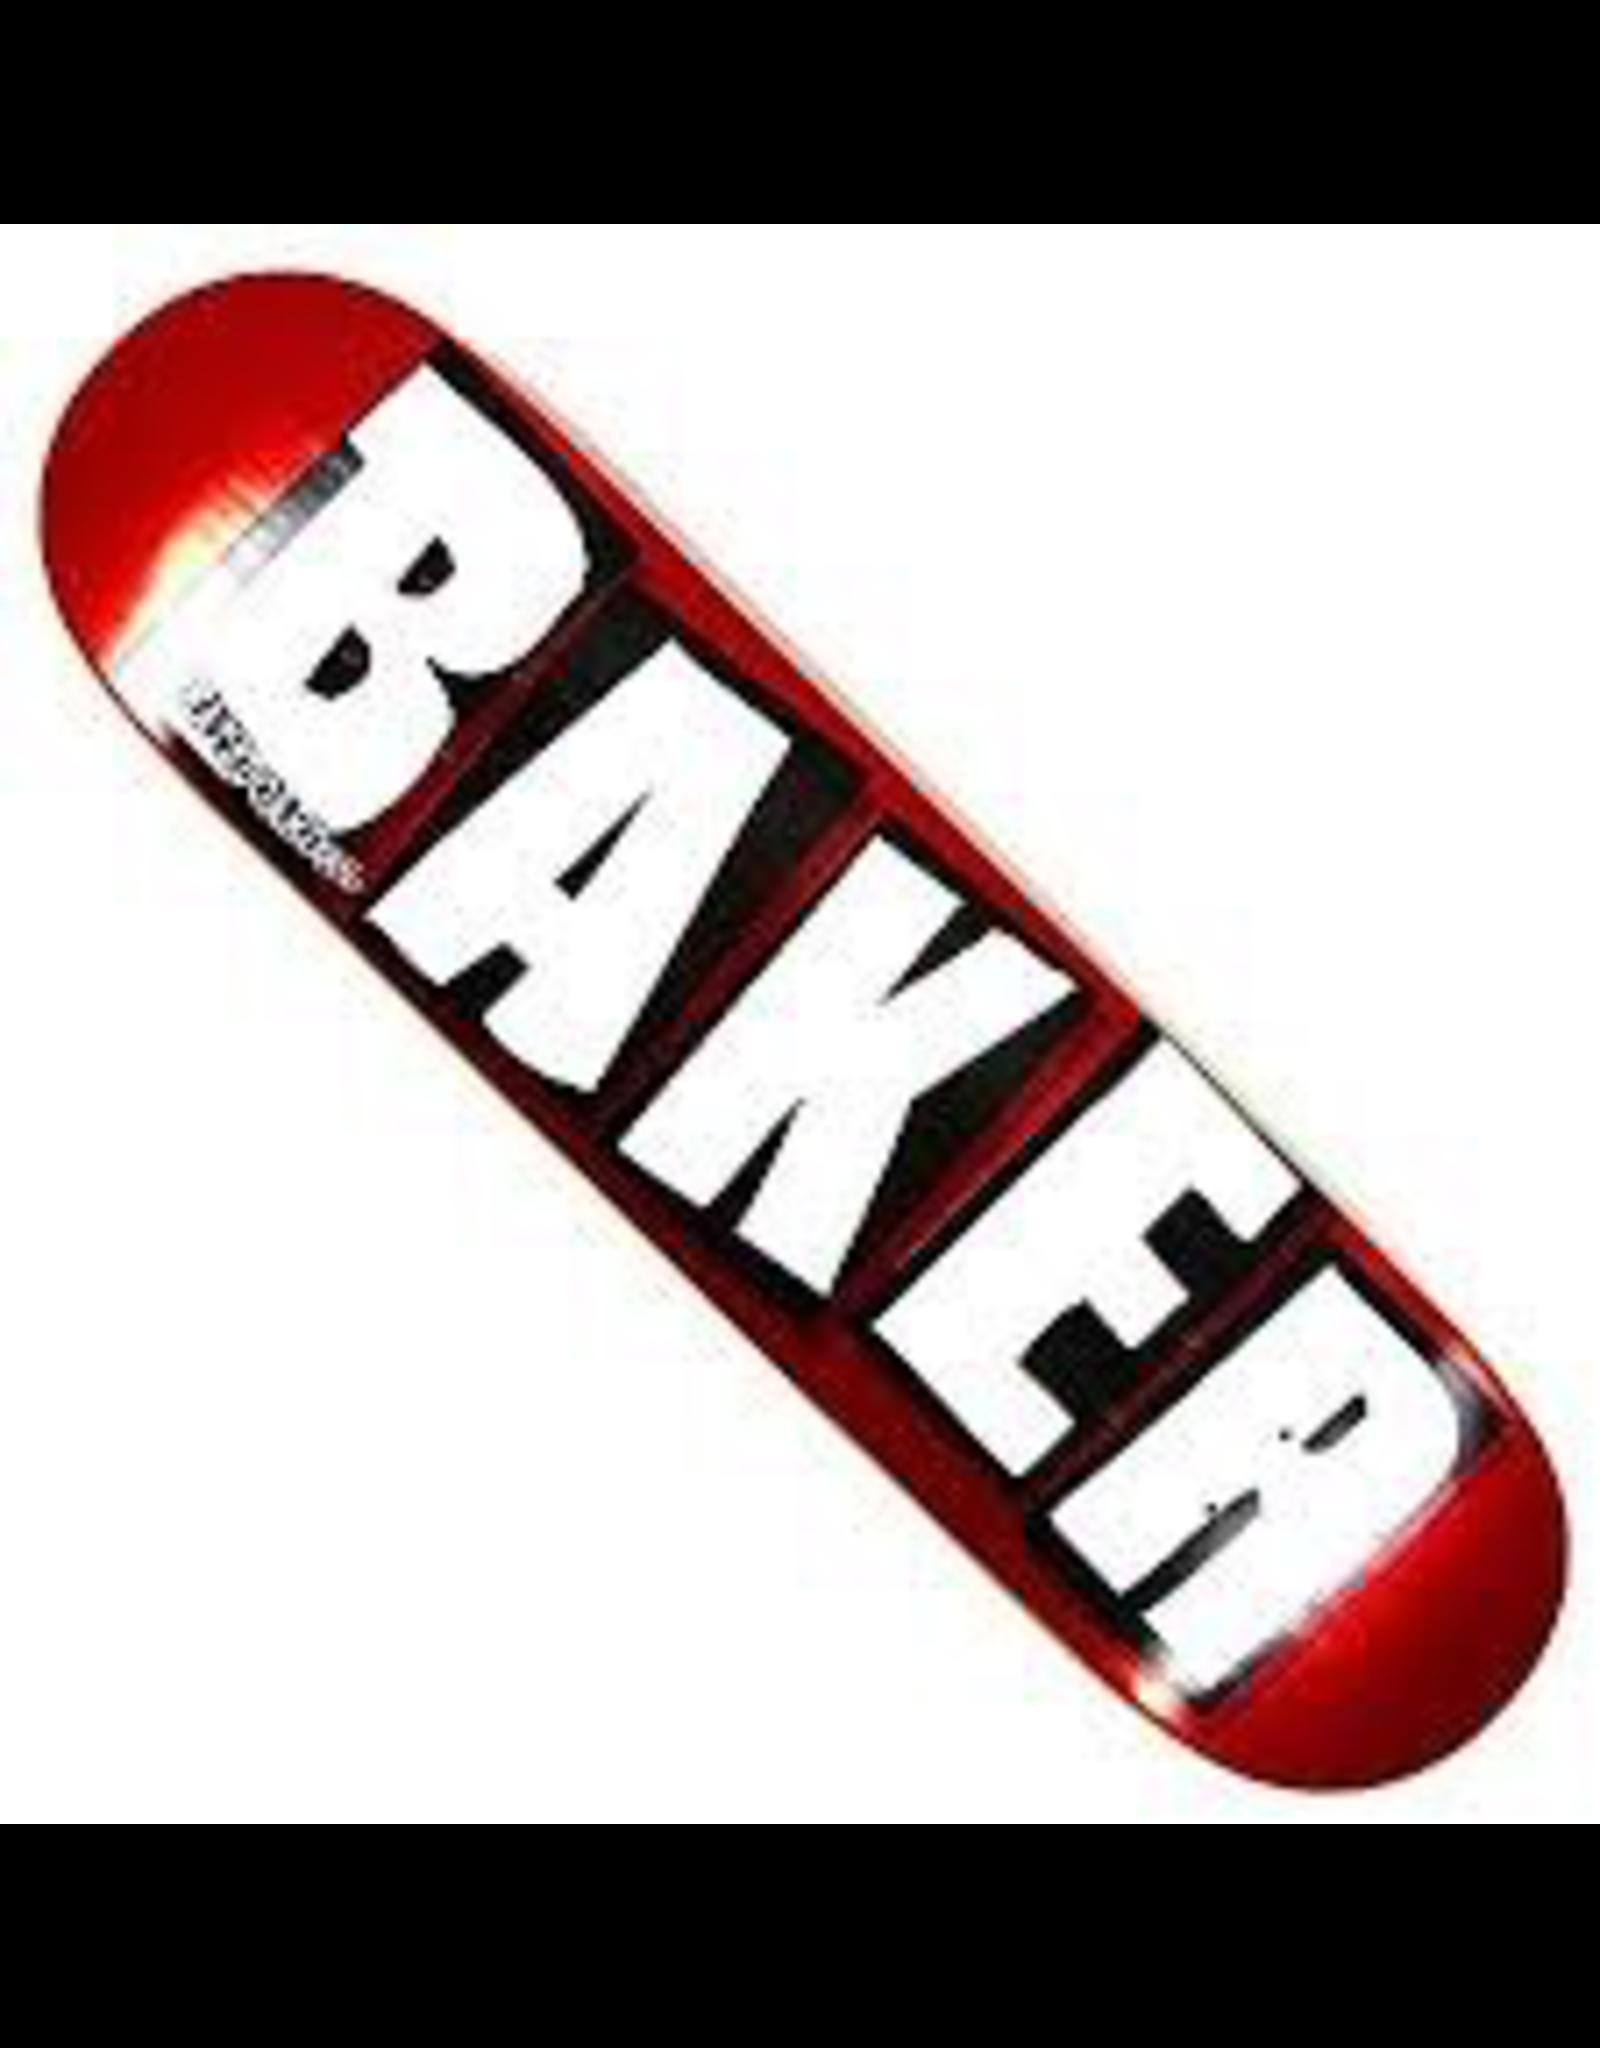 BAKER BAKER BRAND LOGO FOIL DECK - 8.5